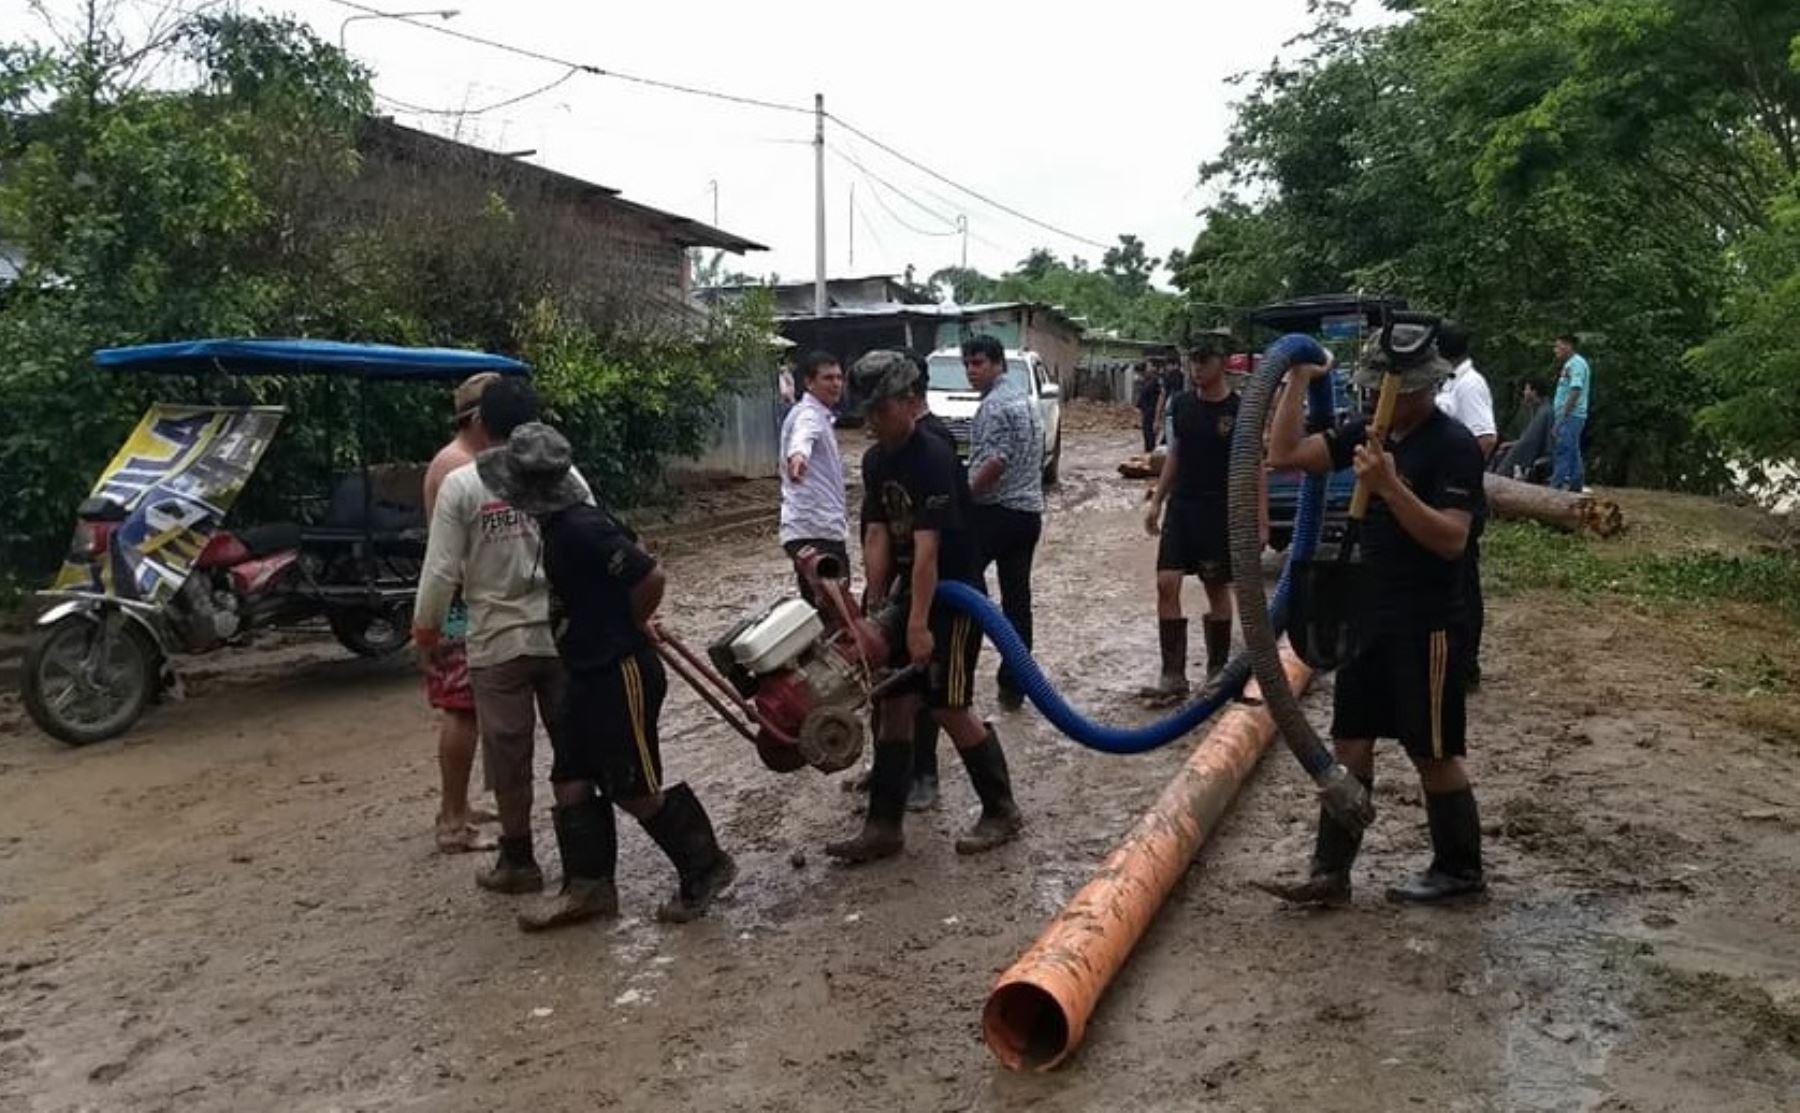 En su segundo día de intervención como elementos de primera respuesta, los soldados de la Tercera Brigada de Fuerzas Especiales del Ejército continúan colaborando con la descolmatación de drenajes, remoción y limpieza de escombros de viviendas, calles, carreteras y puentes afectados por las lluvias y desbordes del río Cumbaza, en la región San Martín.